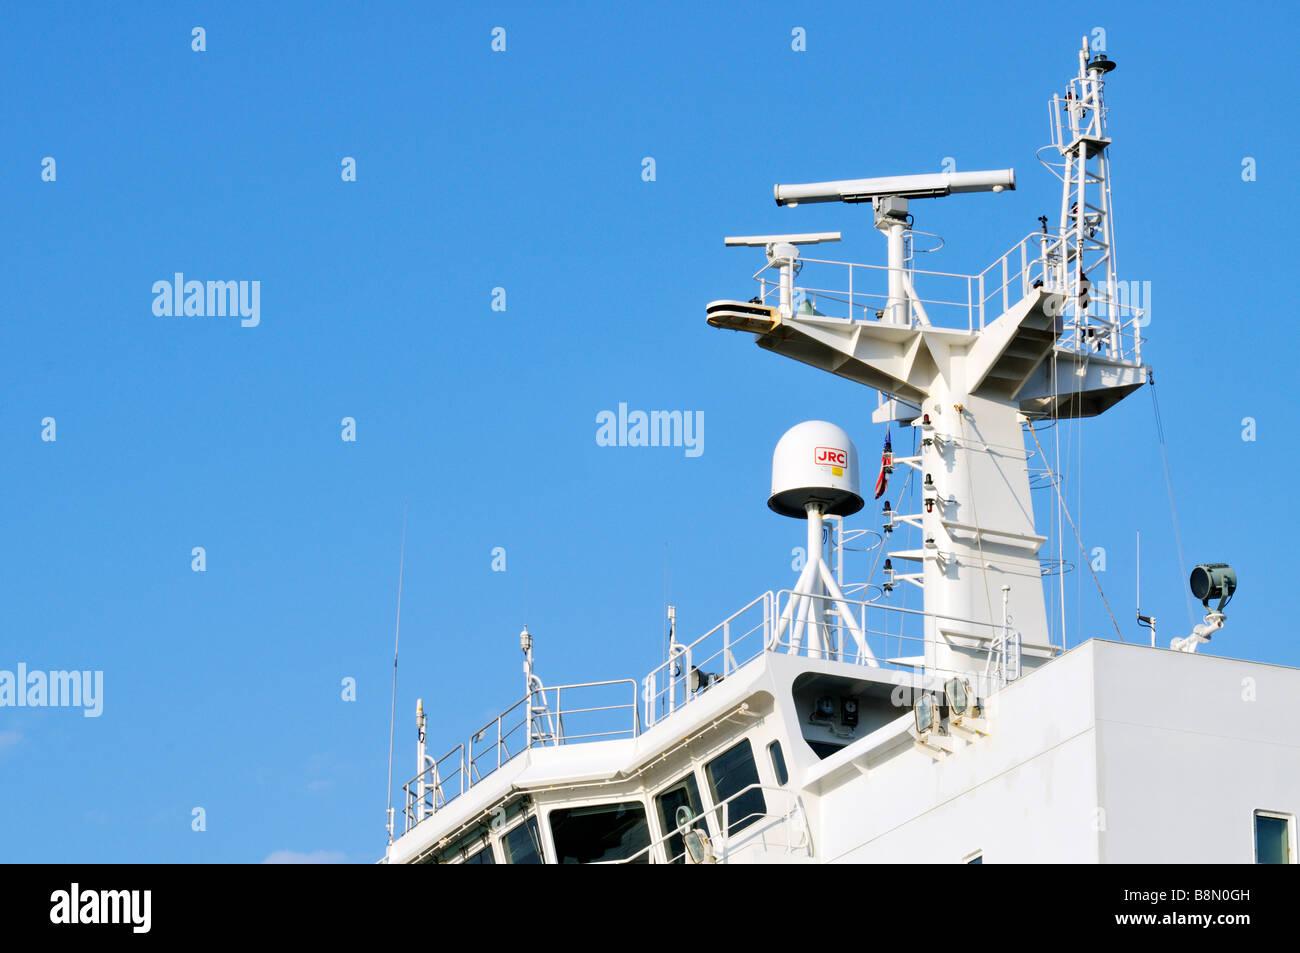 Patrulleras y Guardacostas - Página 9 Electronica-del-barco-en-el-exterior-del-puente-con-radar-y-satelite-contra-el-equipo-de-comunicaciones-clear-blue-sky-b8n0gh